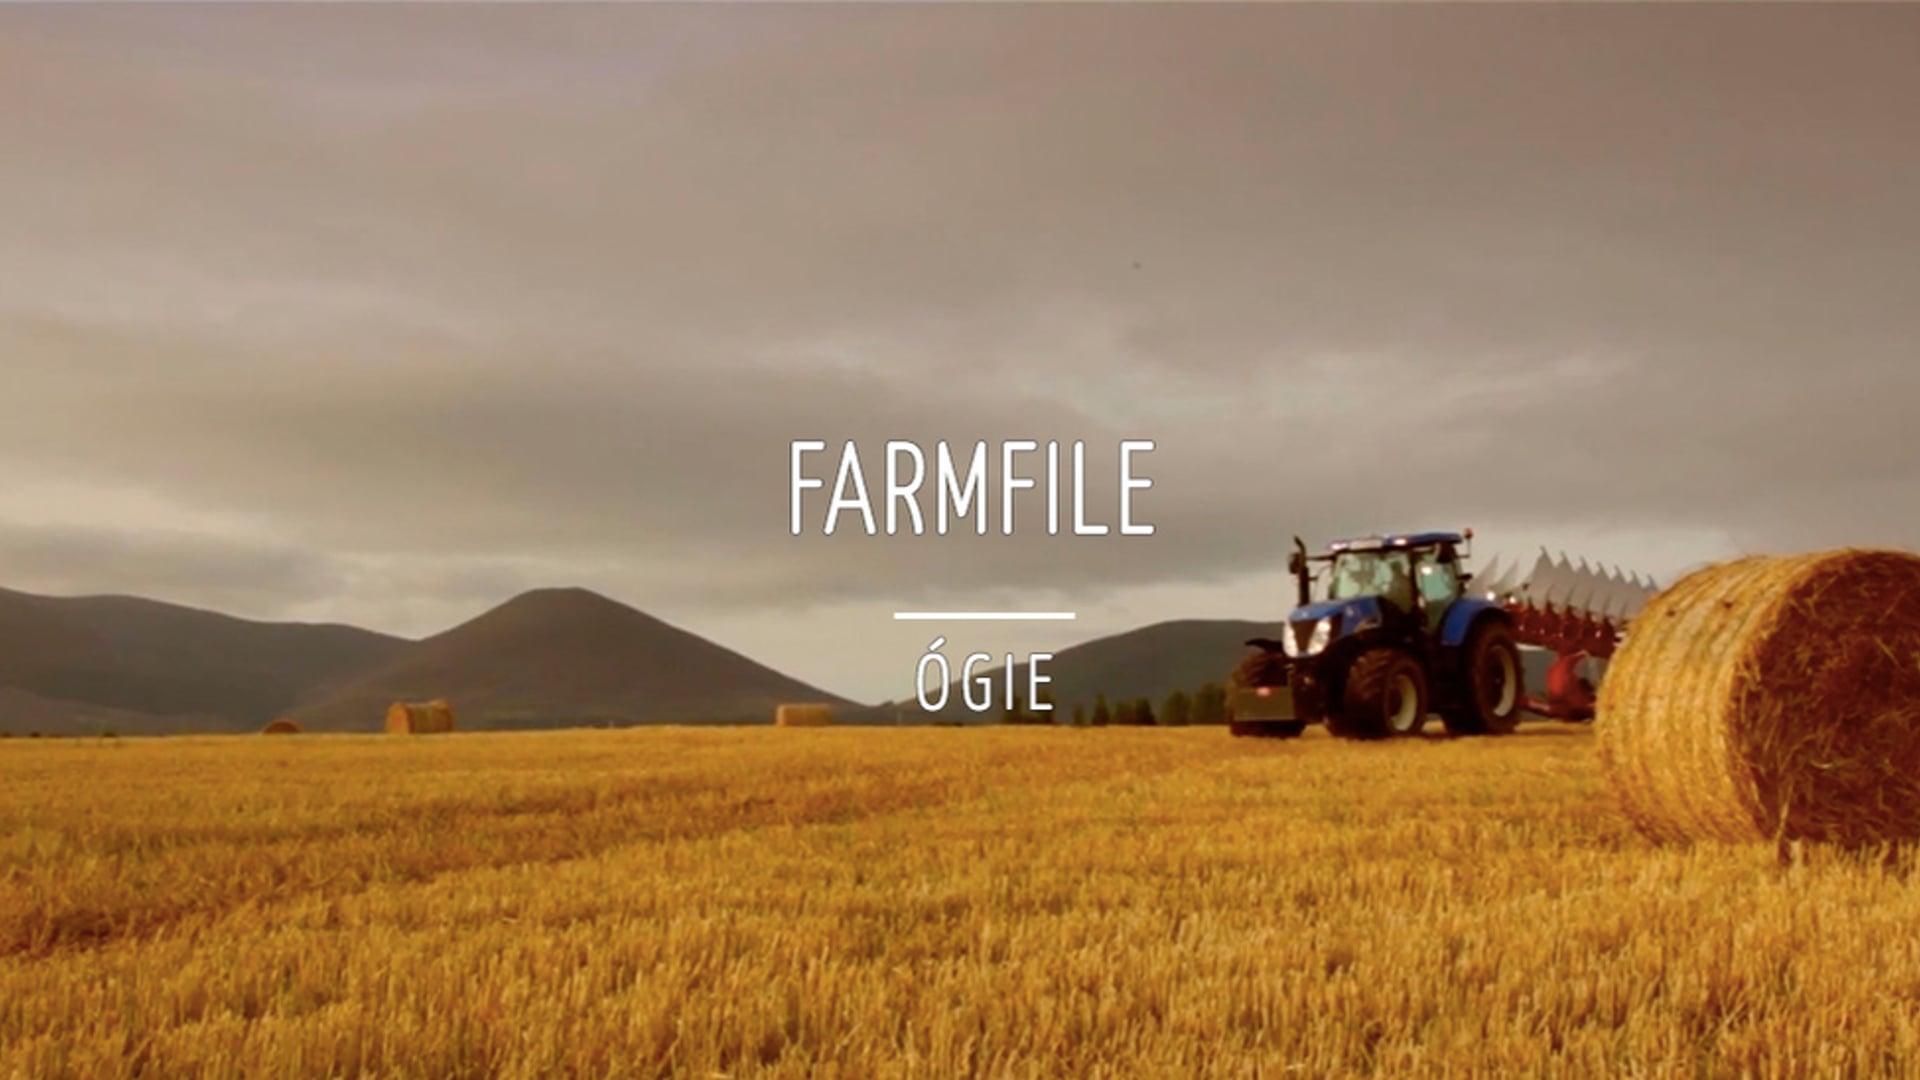 Farmfile